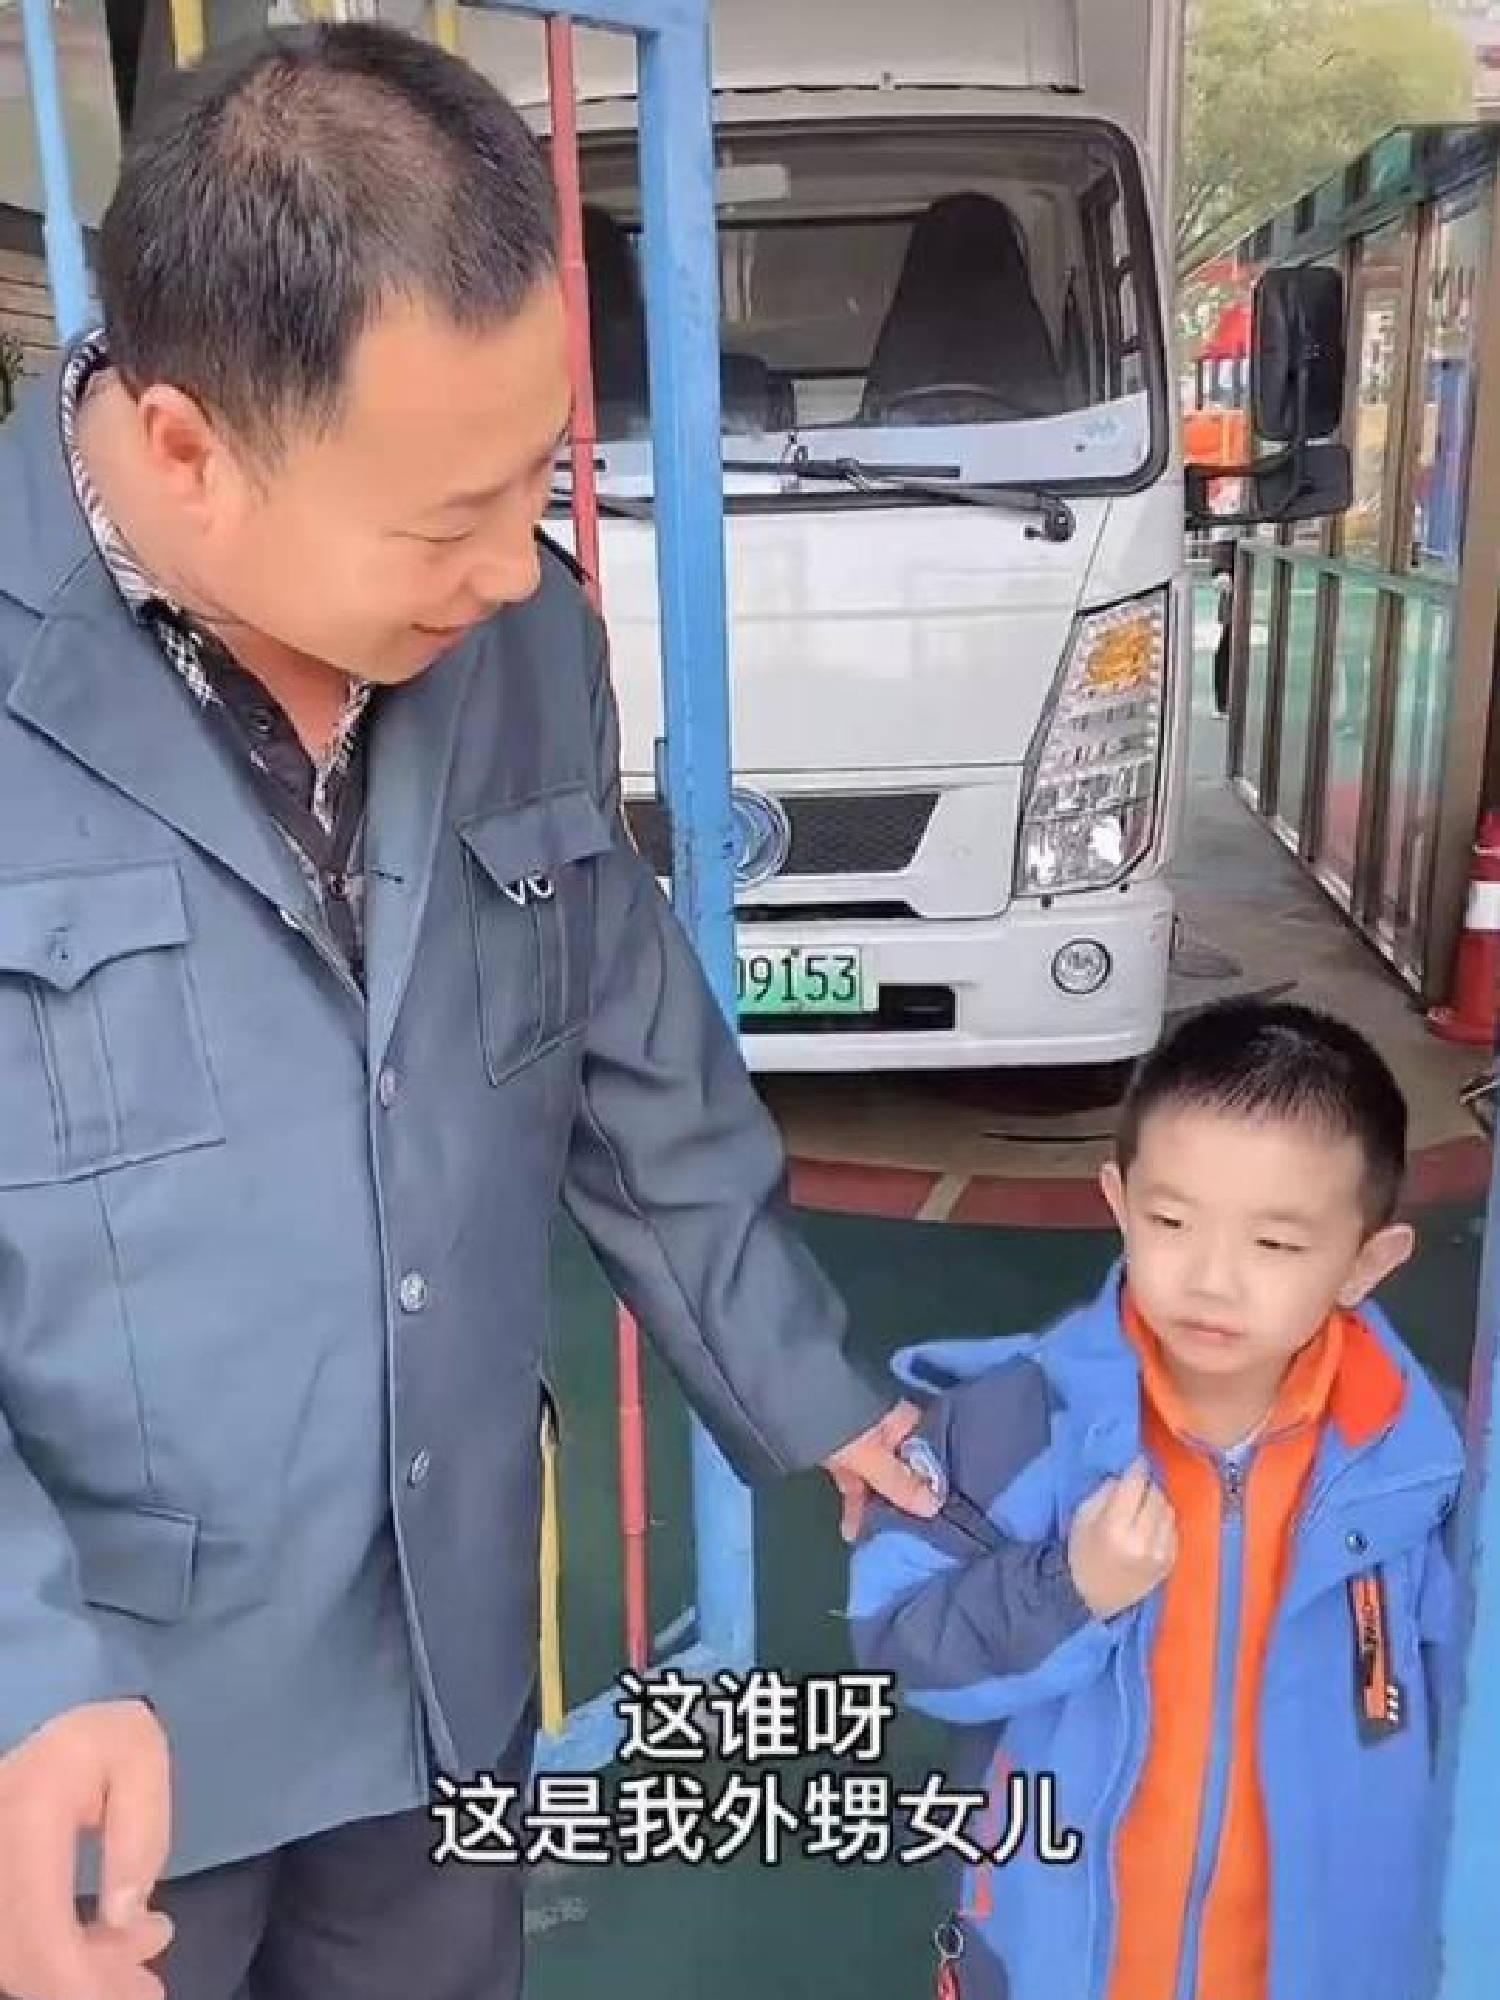 舅舅和外甥被分到幼儿园同班,吃饭时享受特殊待遇,老师被逗乐  第3张